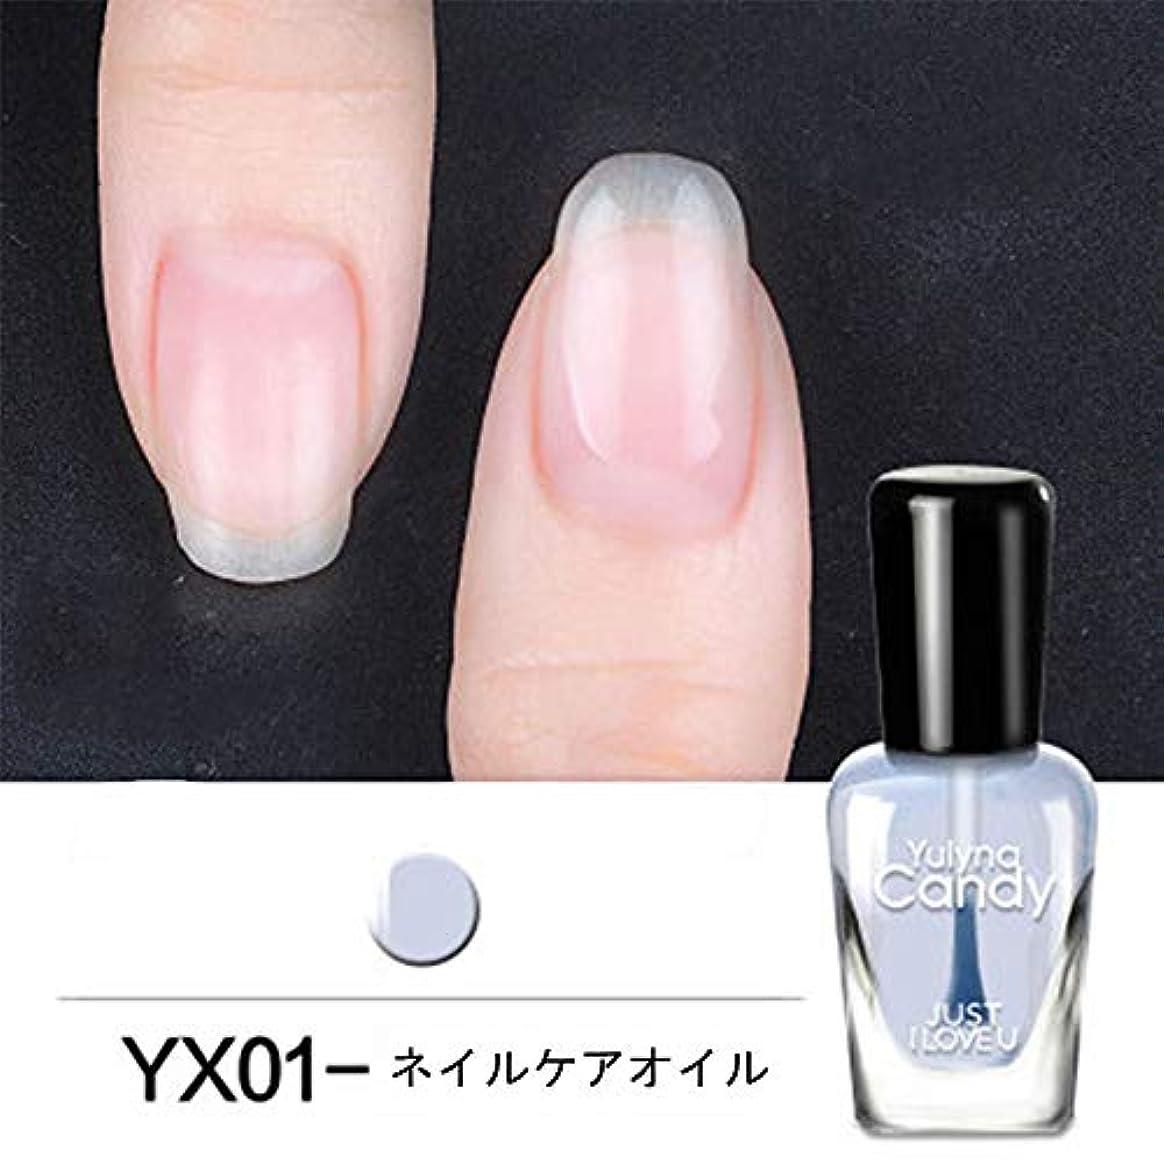 ベースコート ネイルケアオイル 7ml/本 (XY01)